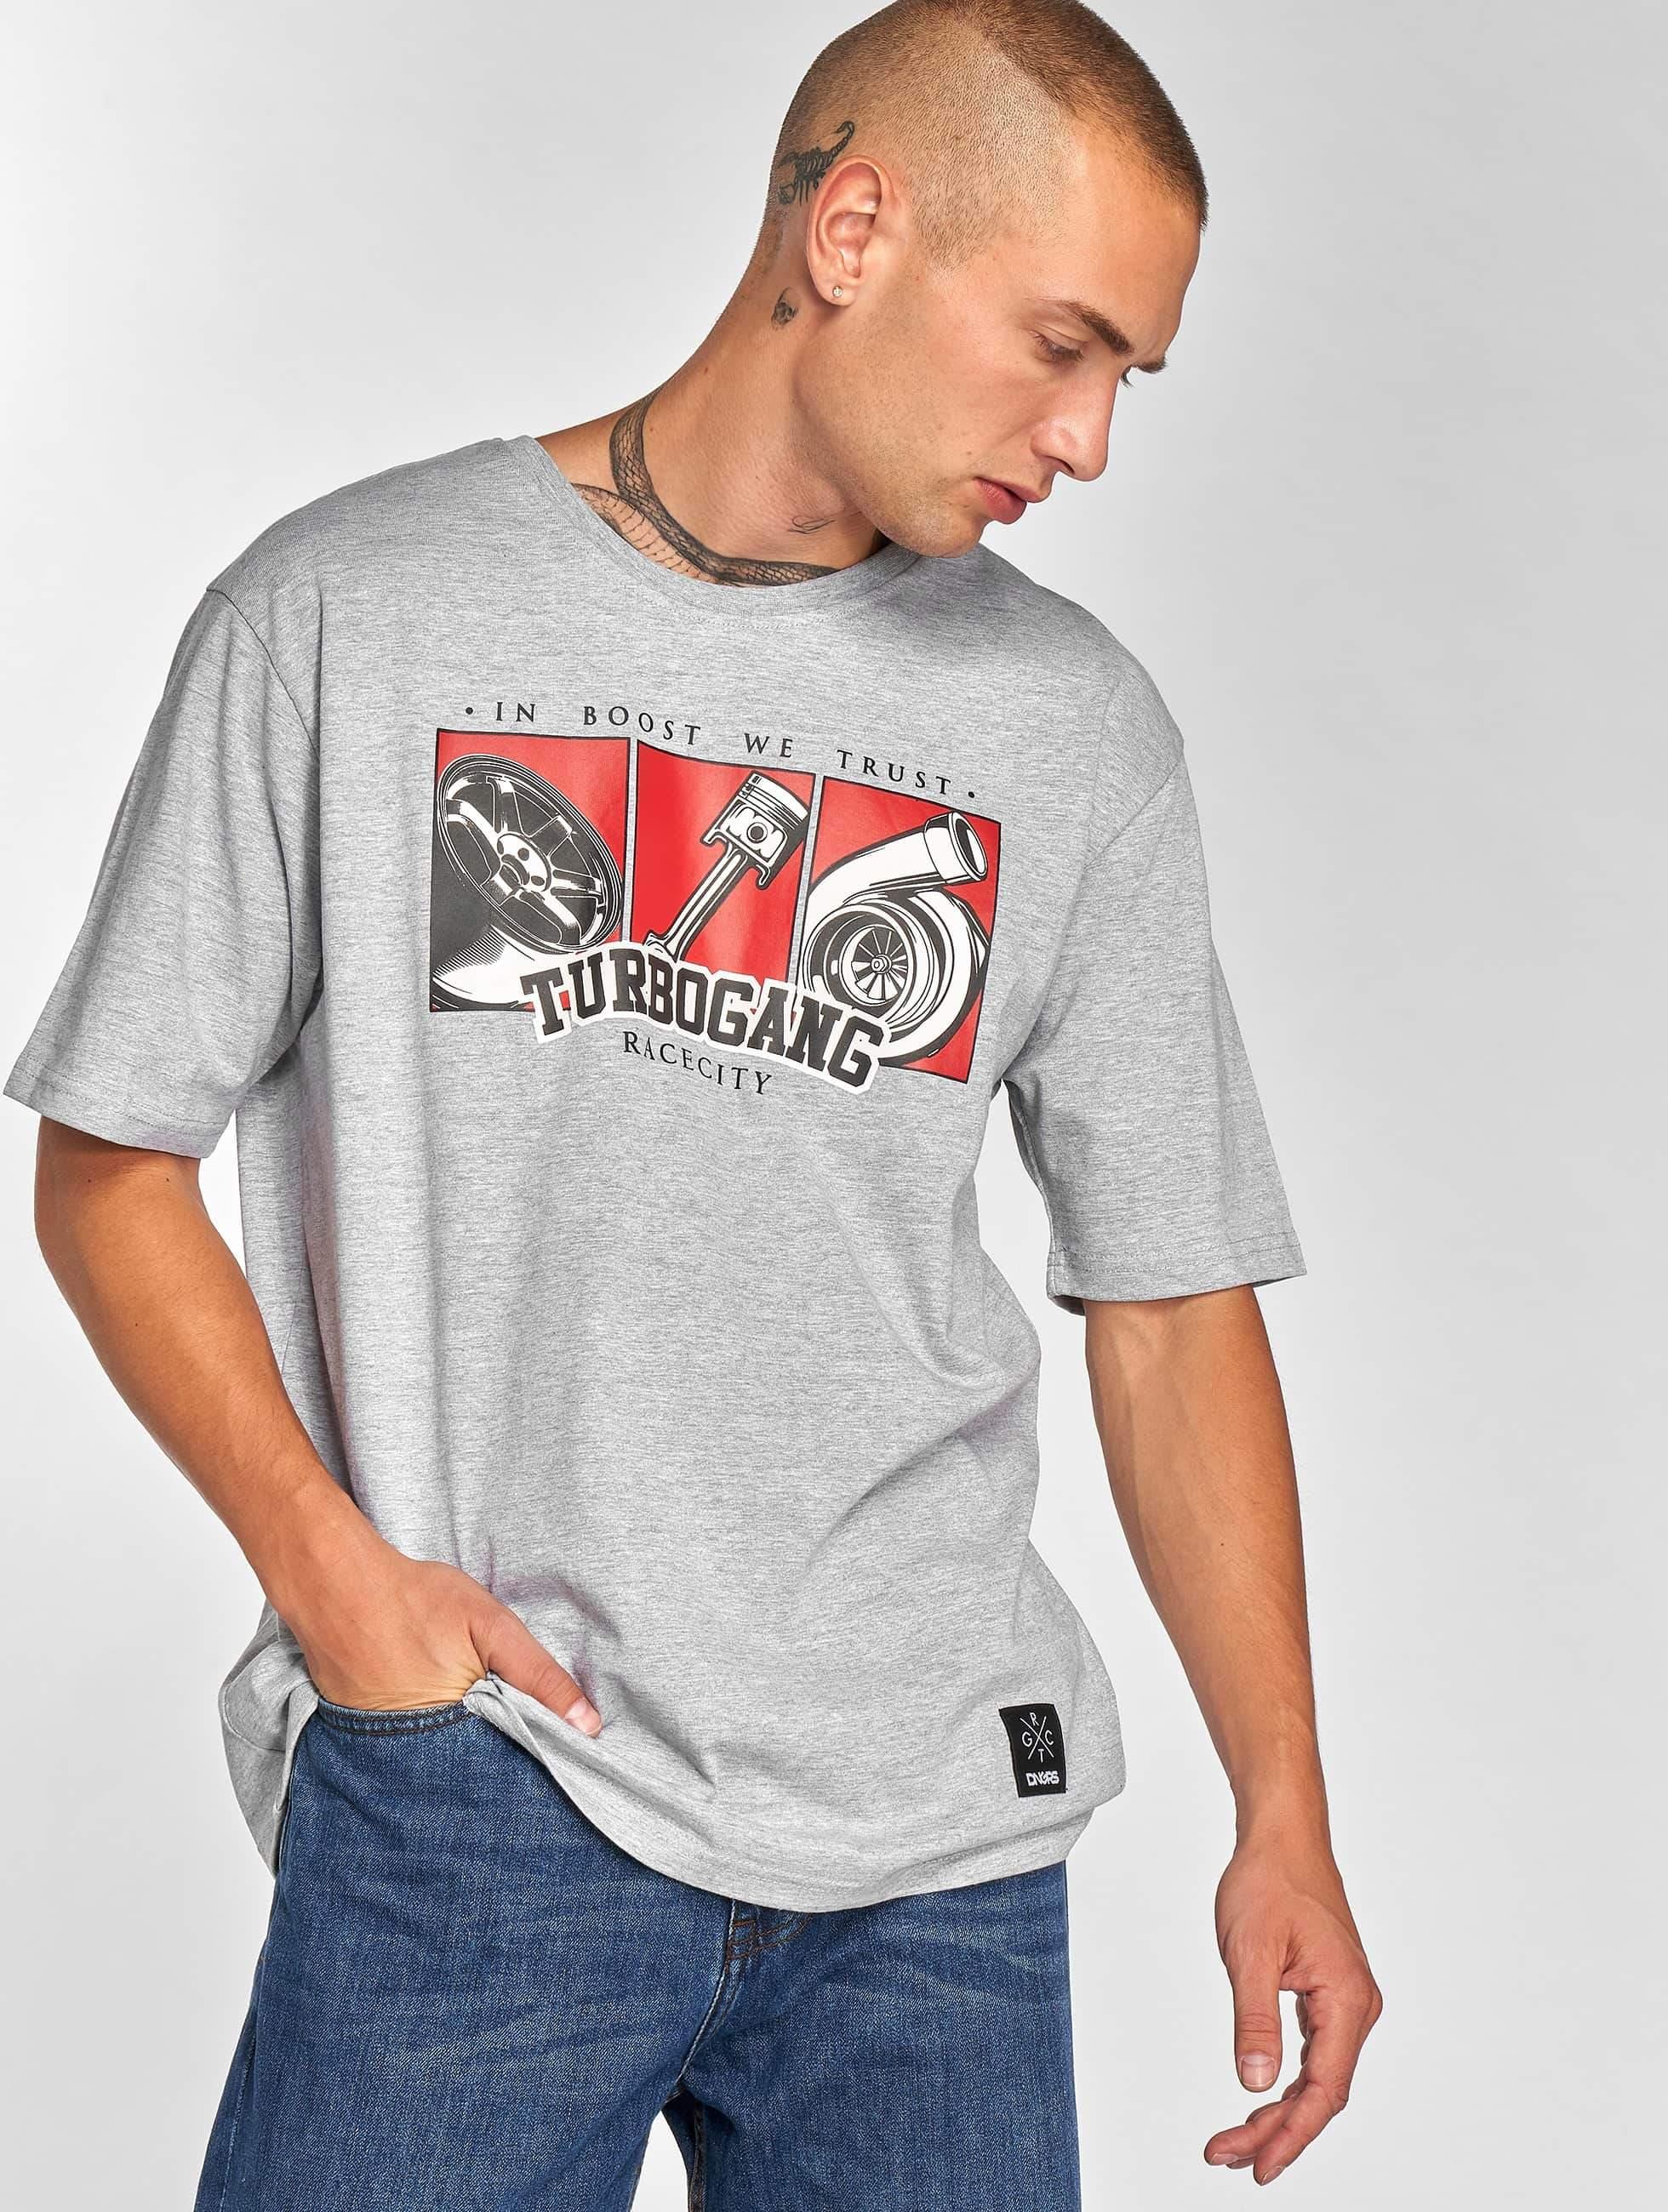 Dangerous DNGRS / T-Shirt Race City IBWT in grey XL